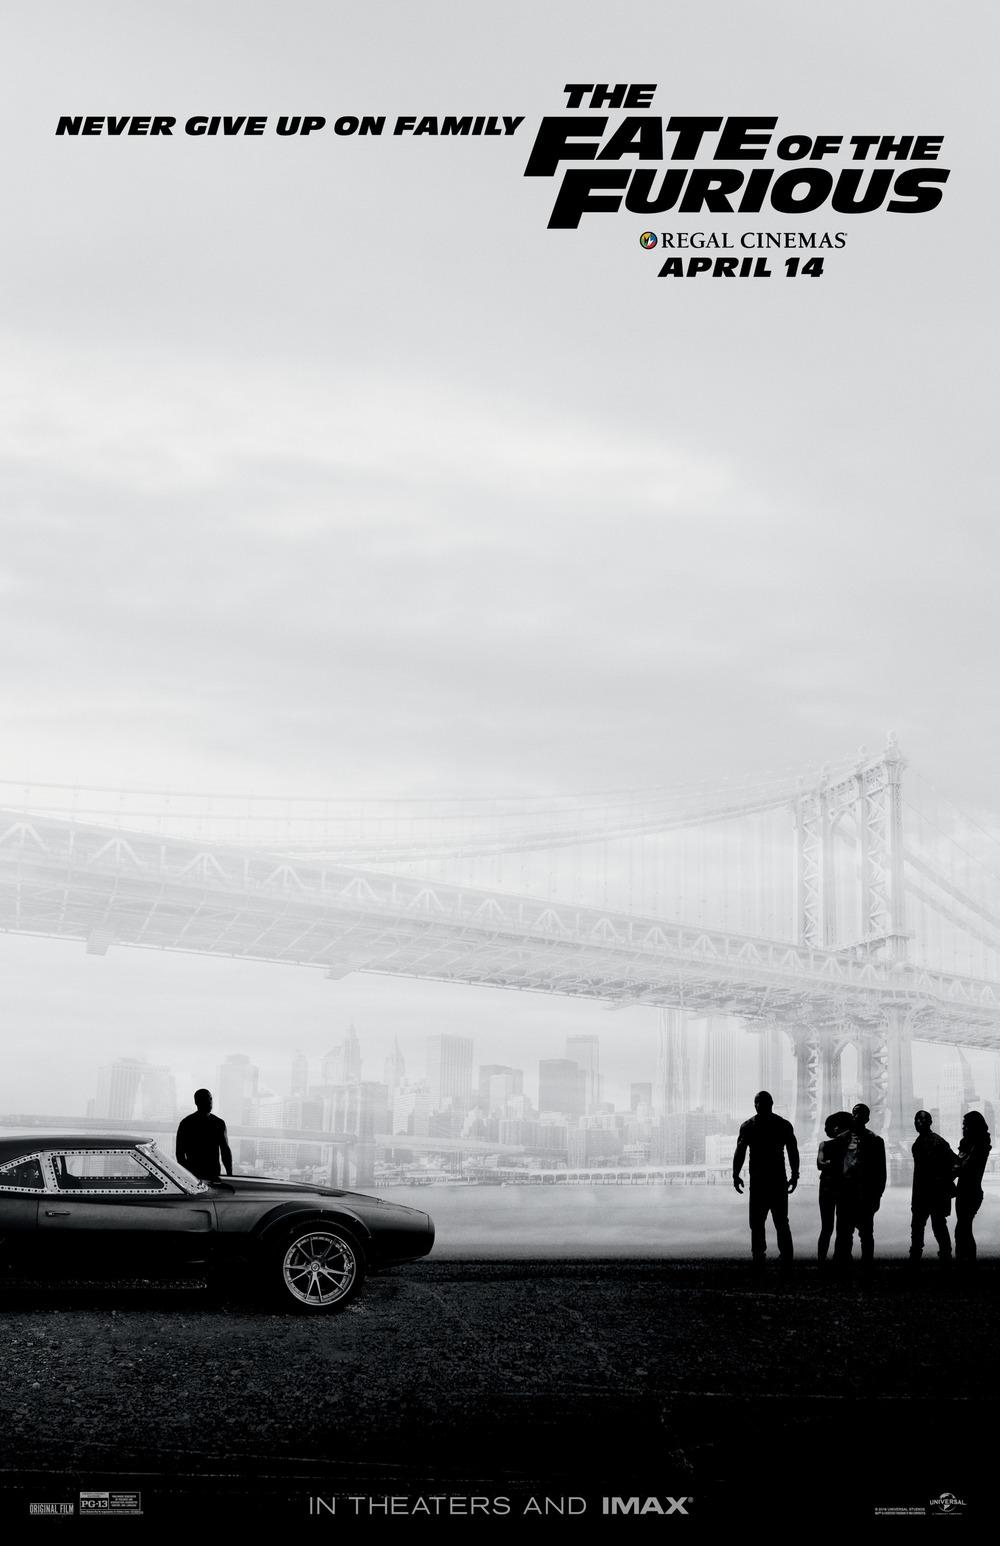 Fast furious 7 dvd release date in Australia